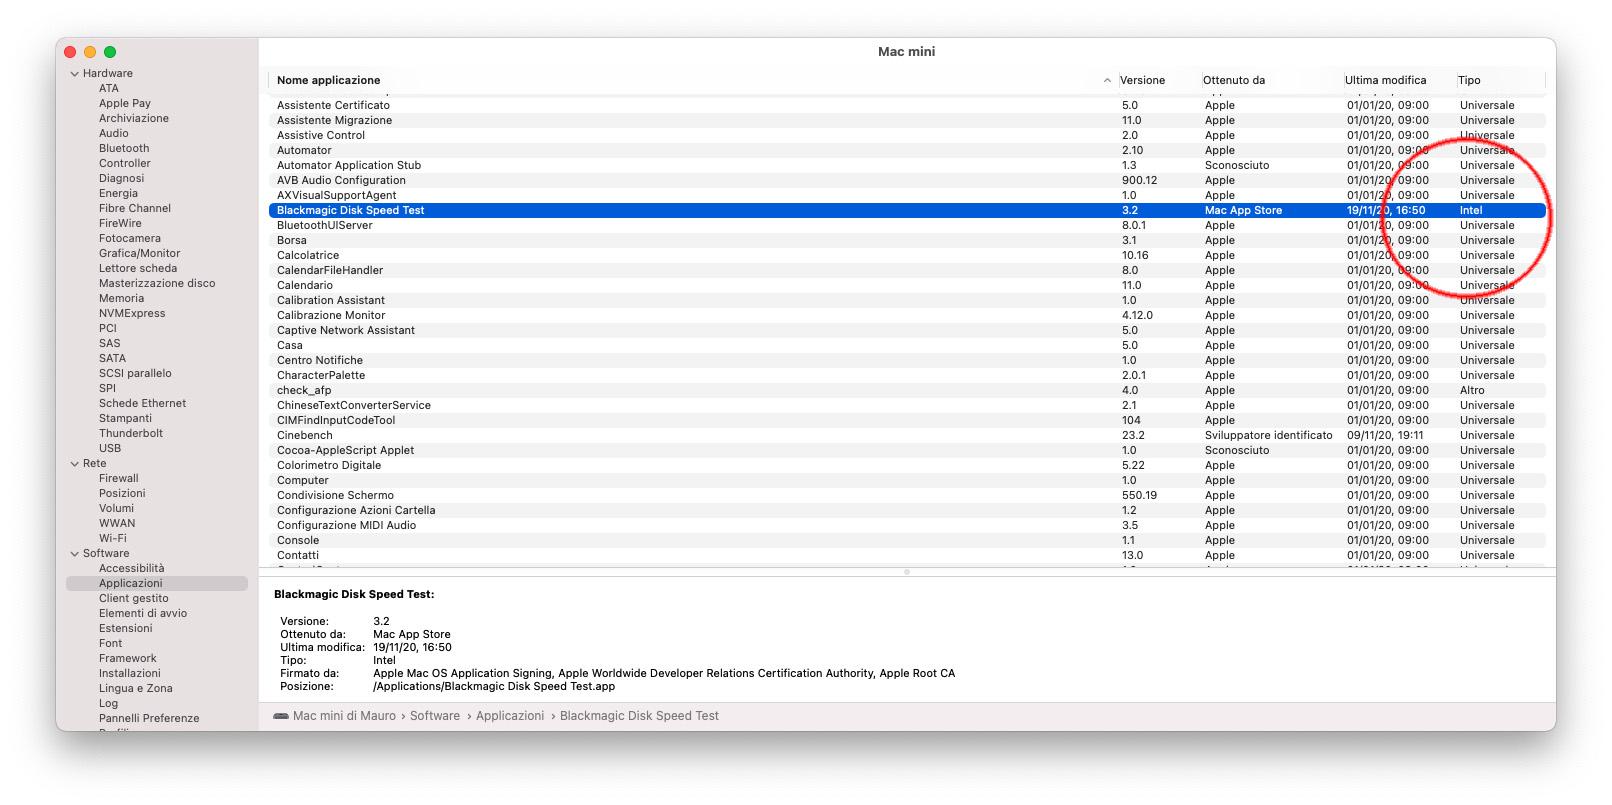 Mac con CPU Apple Silicon, come riconoscere le app ottimizzate